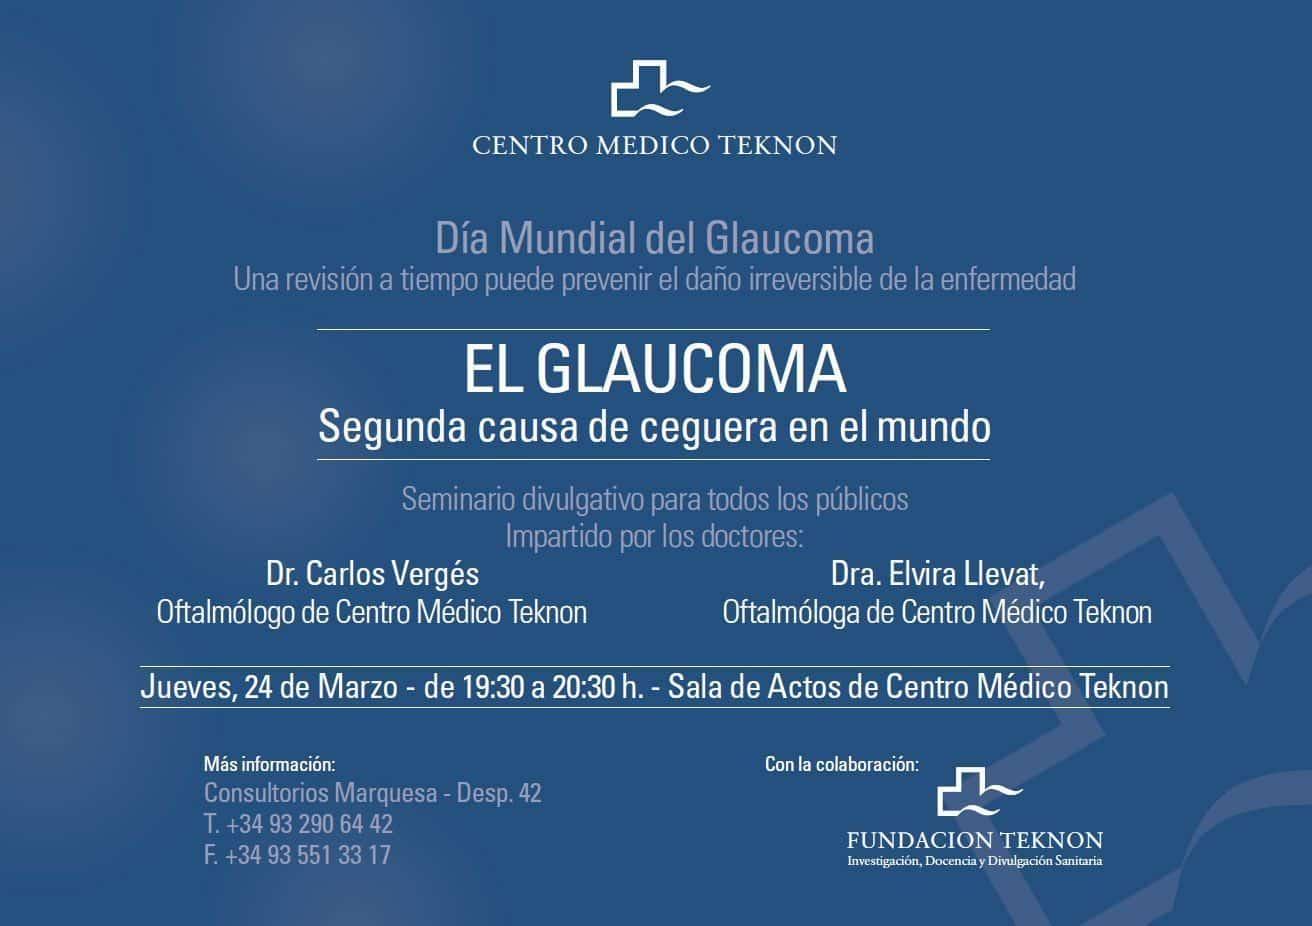 El glaucoma. Segunda causa de ceguera en el mundo